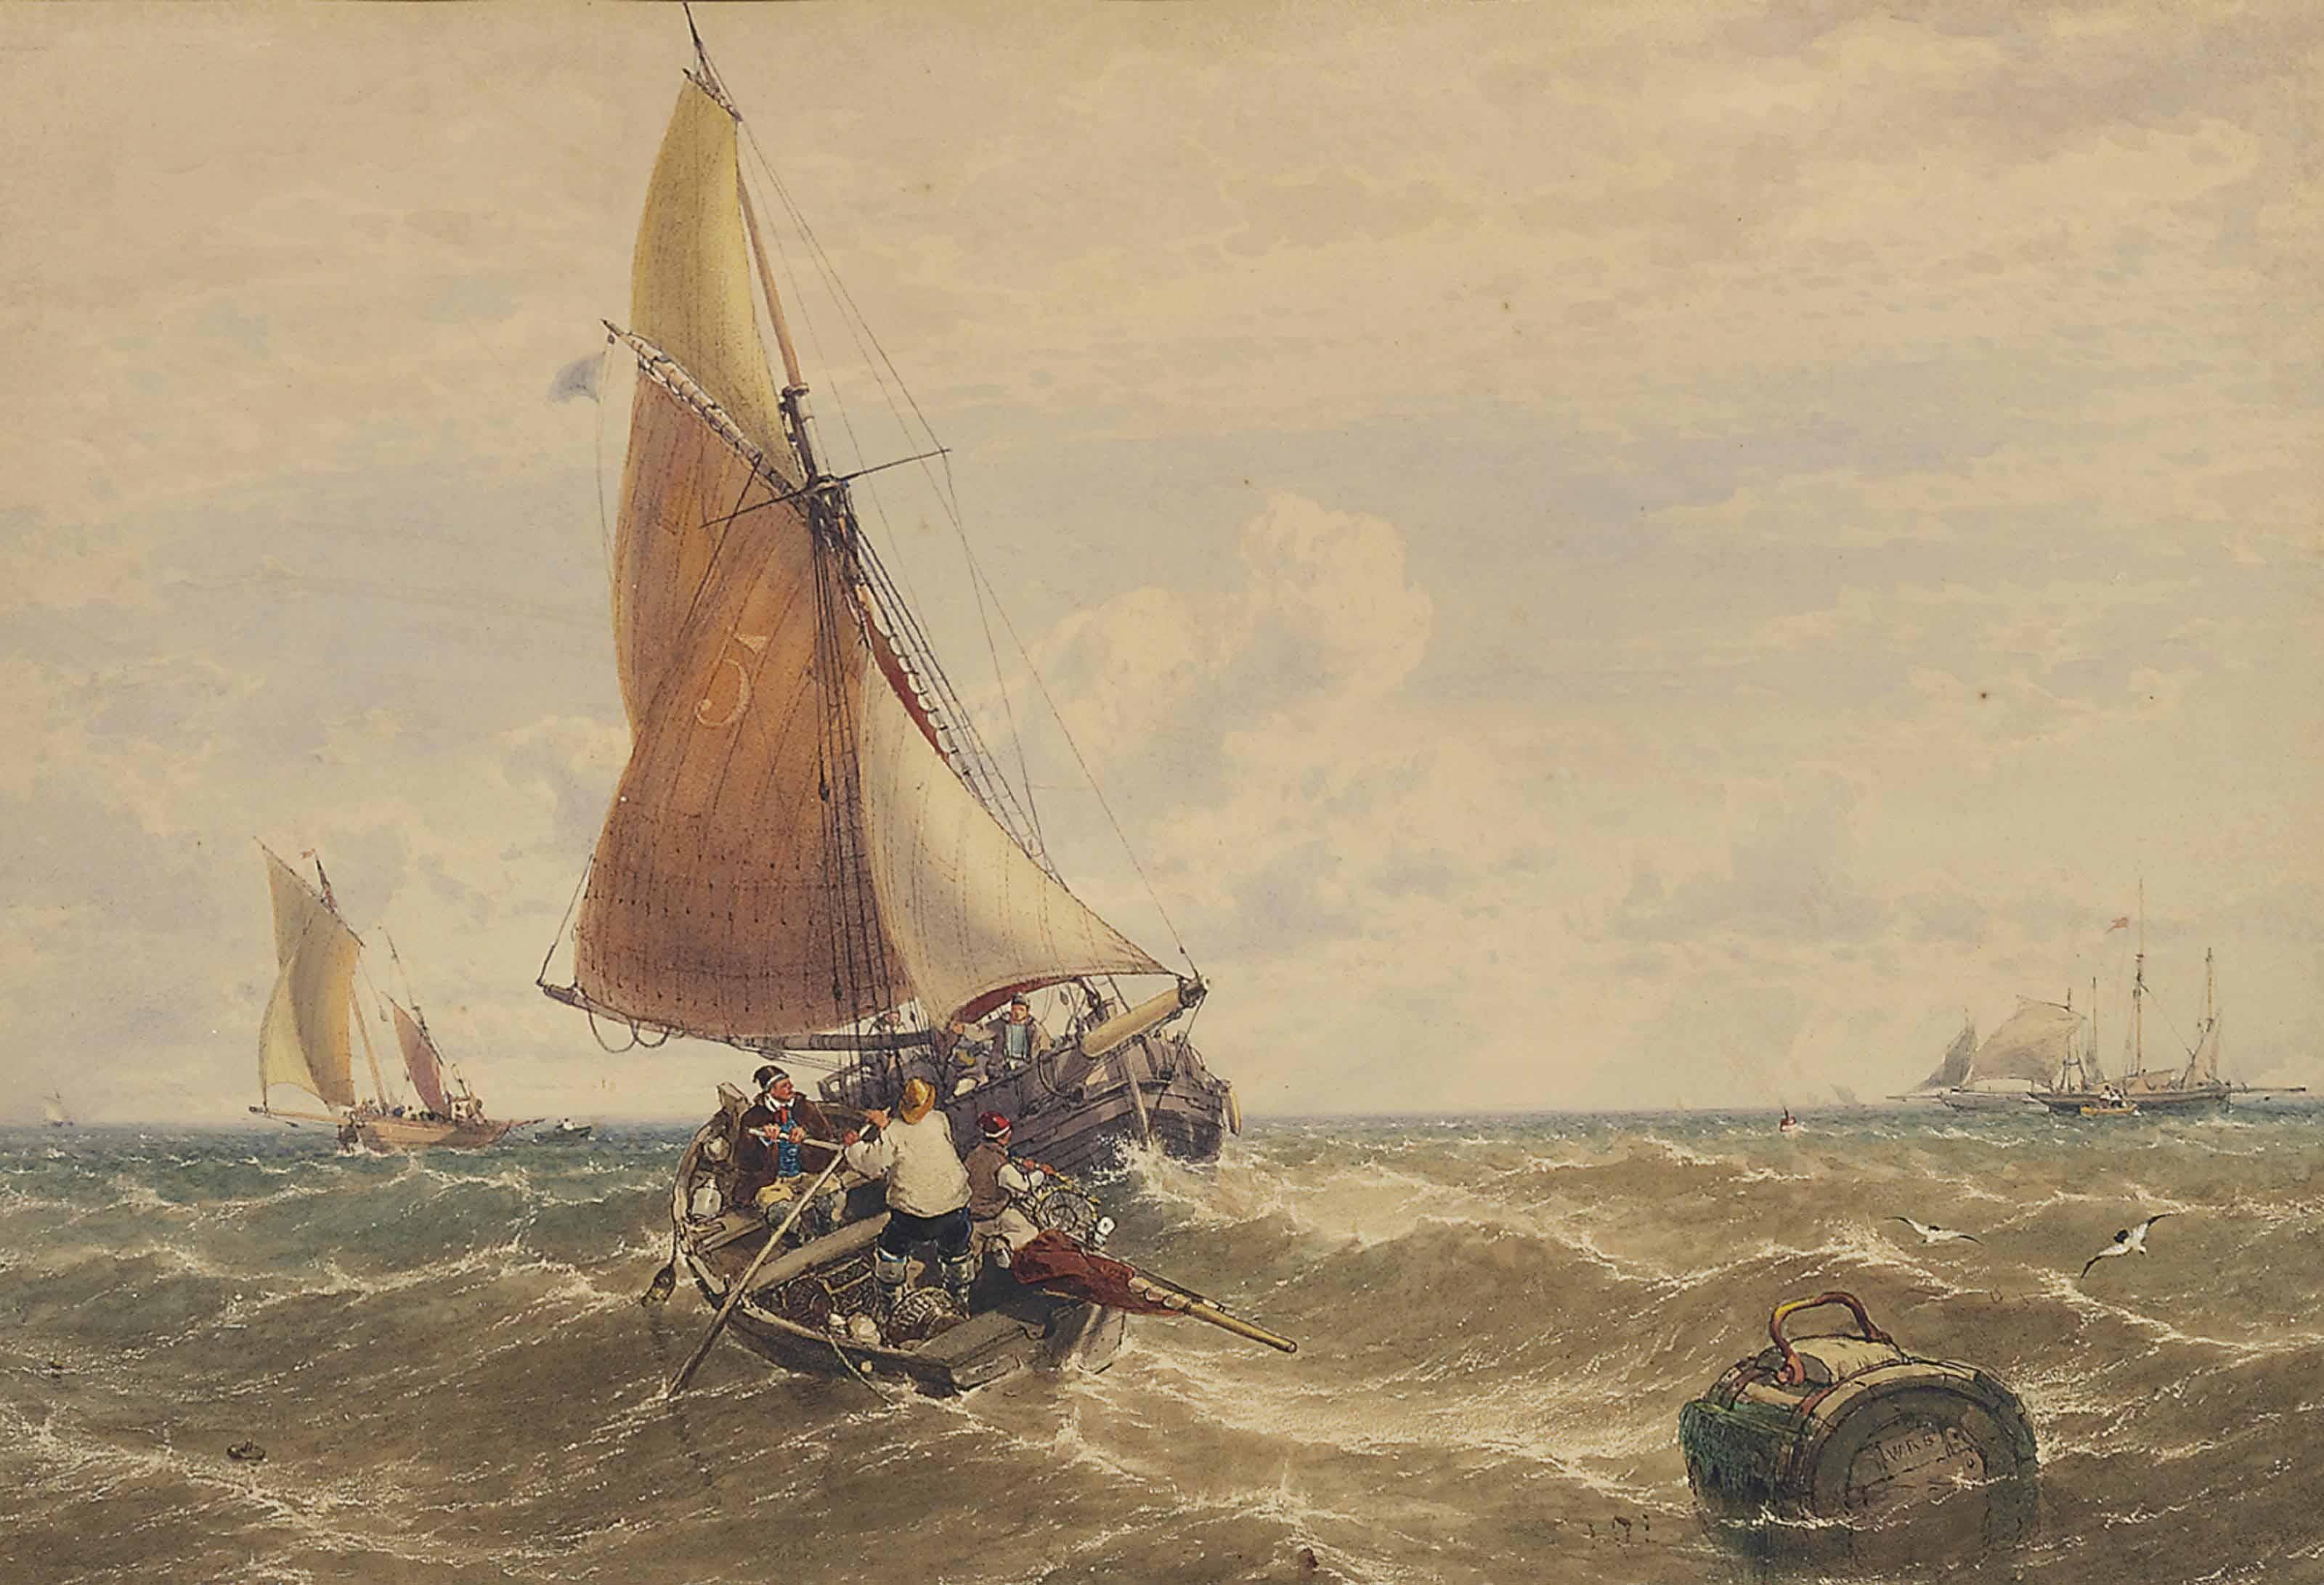 Fishermen hauling in the catch in a stiff breeze